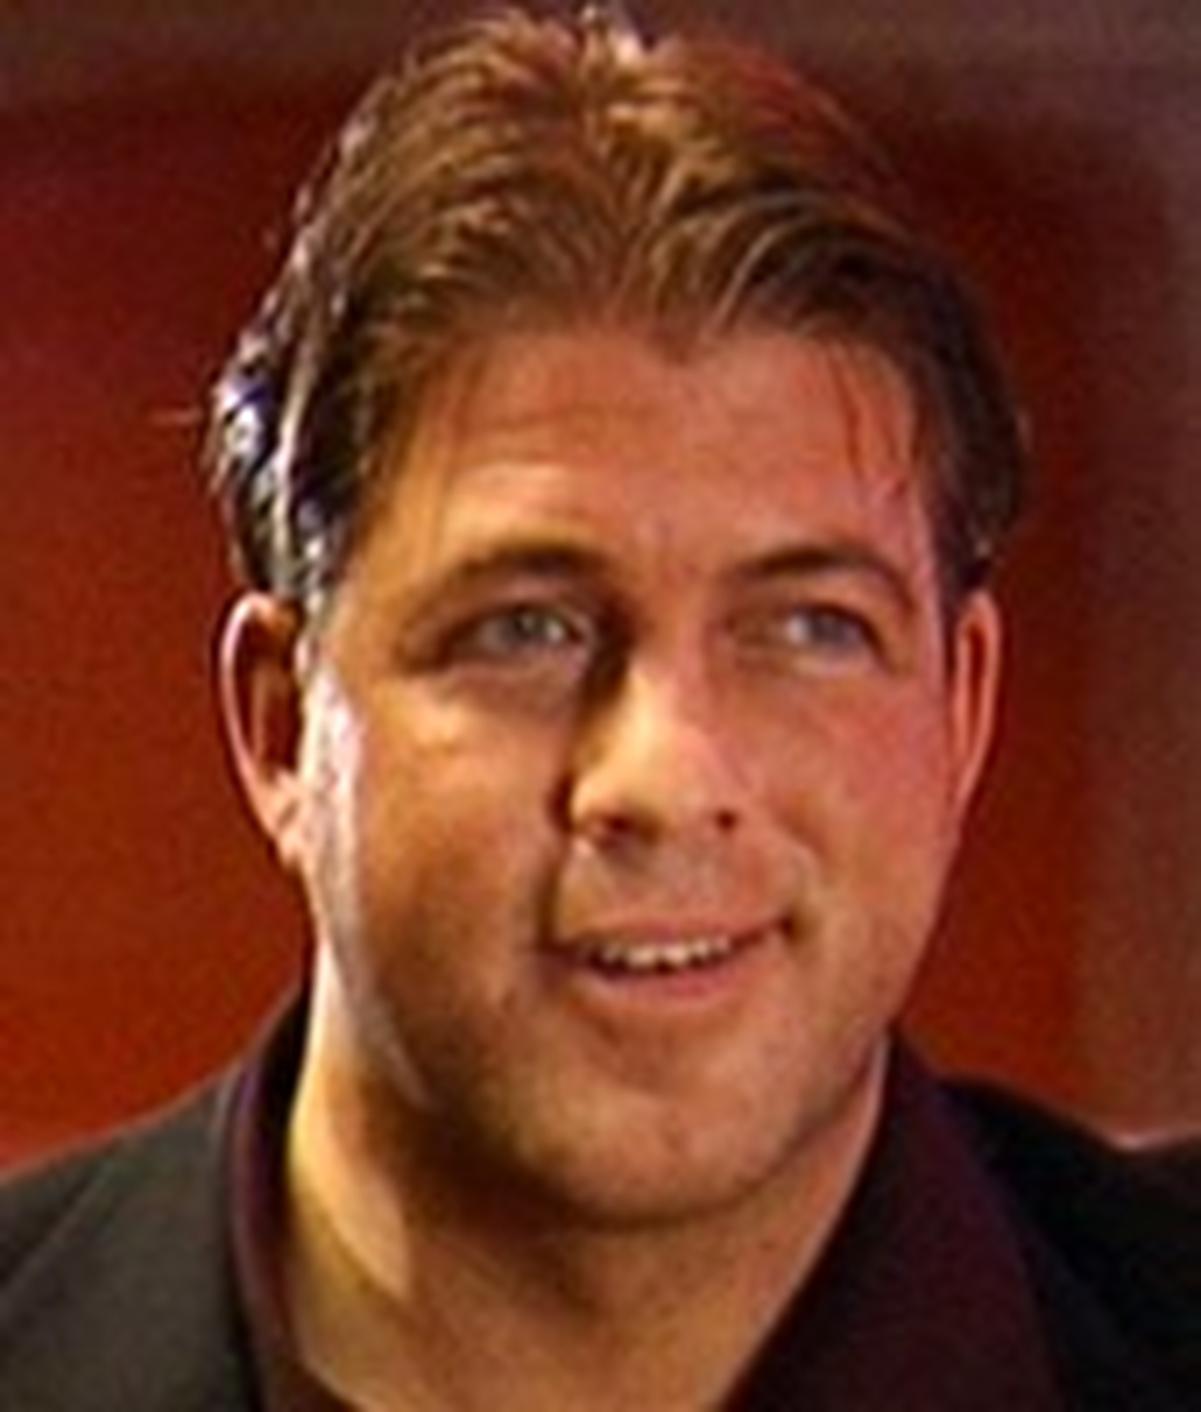 Stefan Dolenga